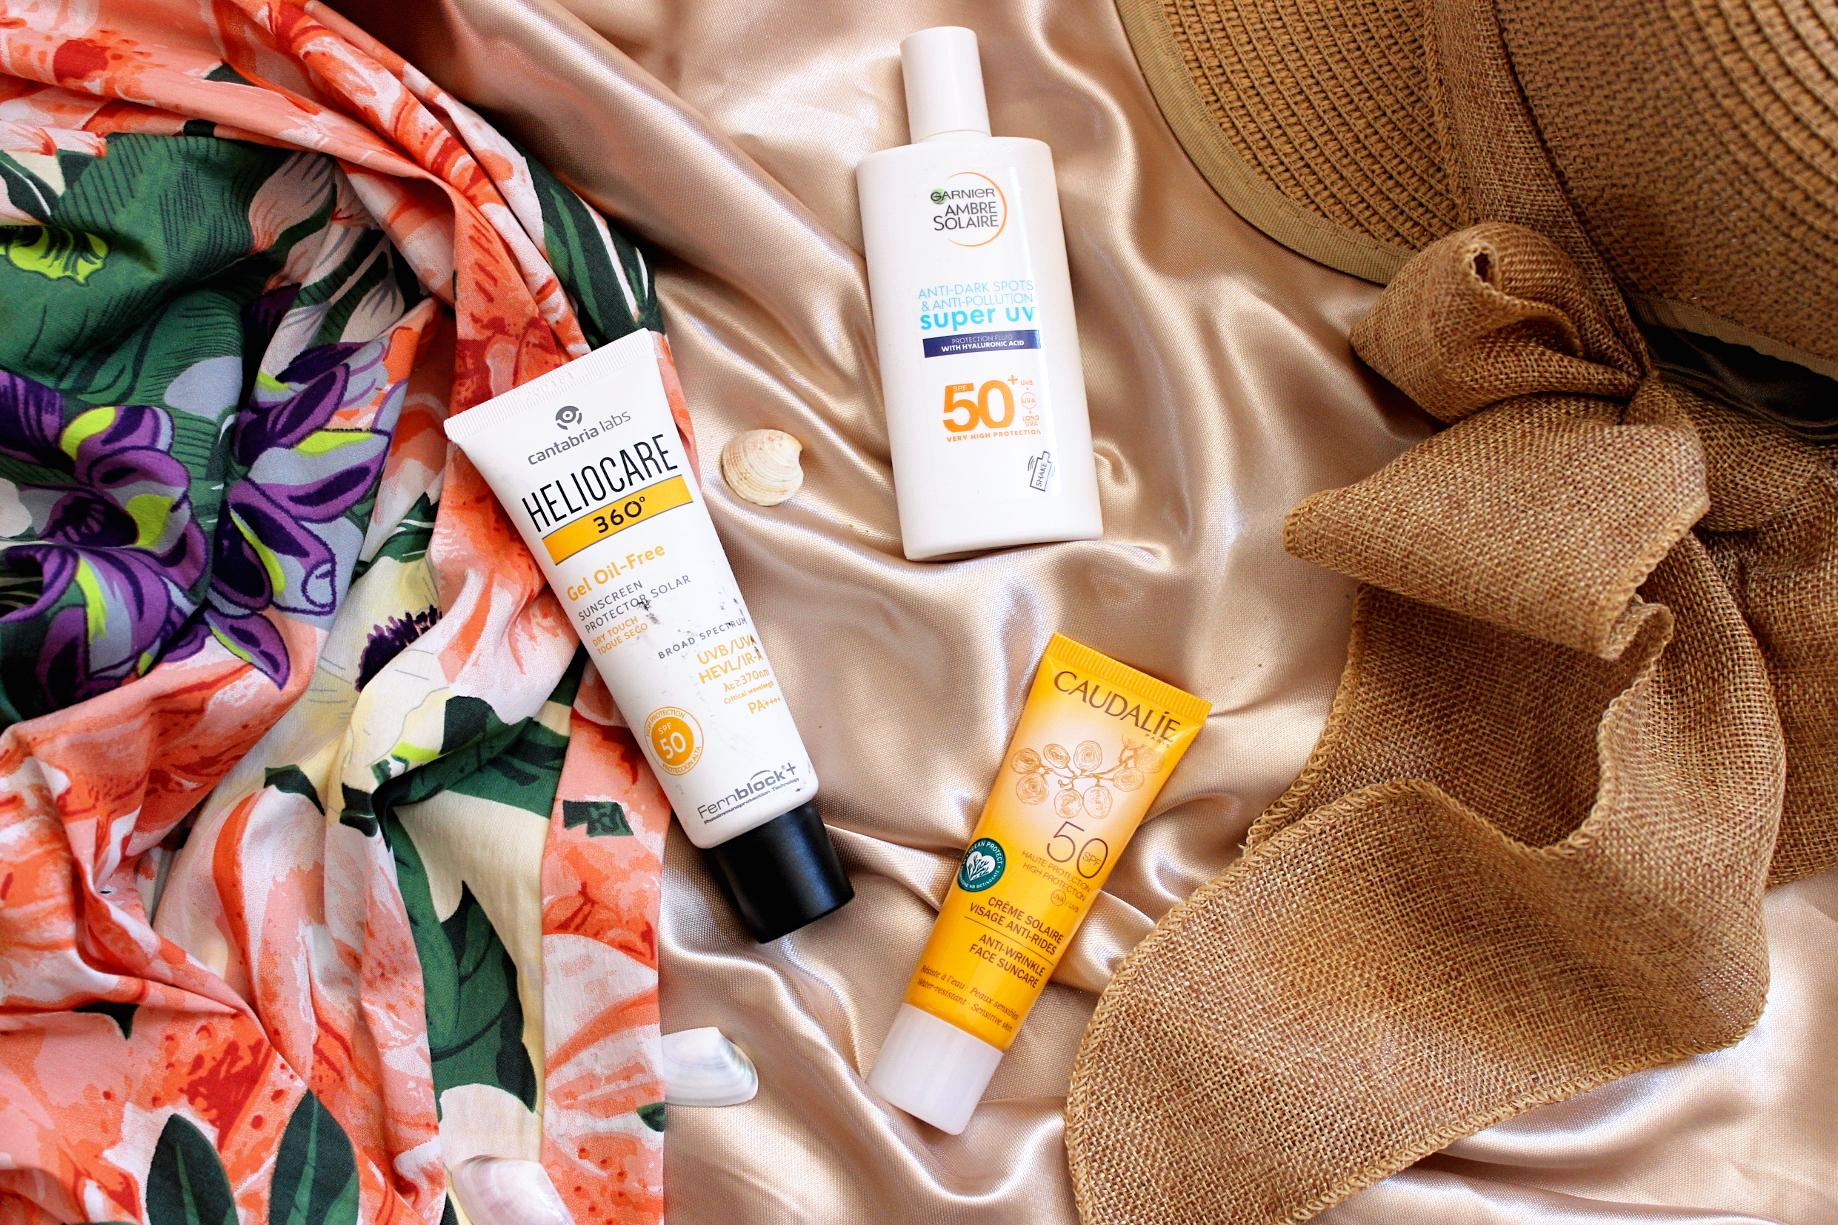 слънцезащитни кремове за лице Garnier, Heliocare, Caudalie